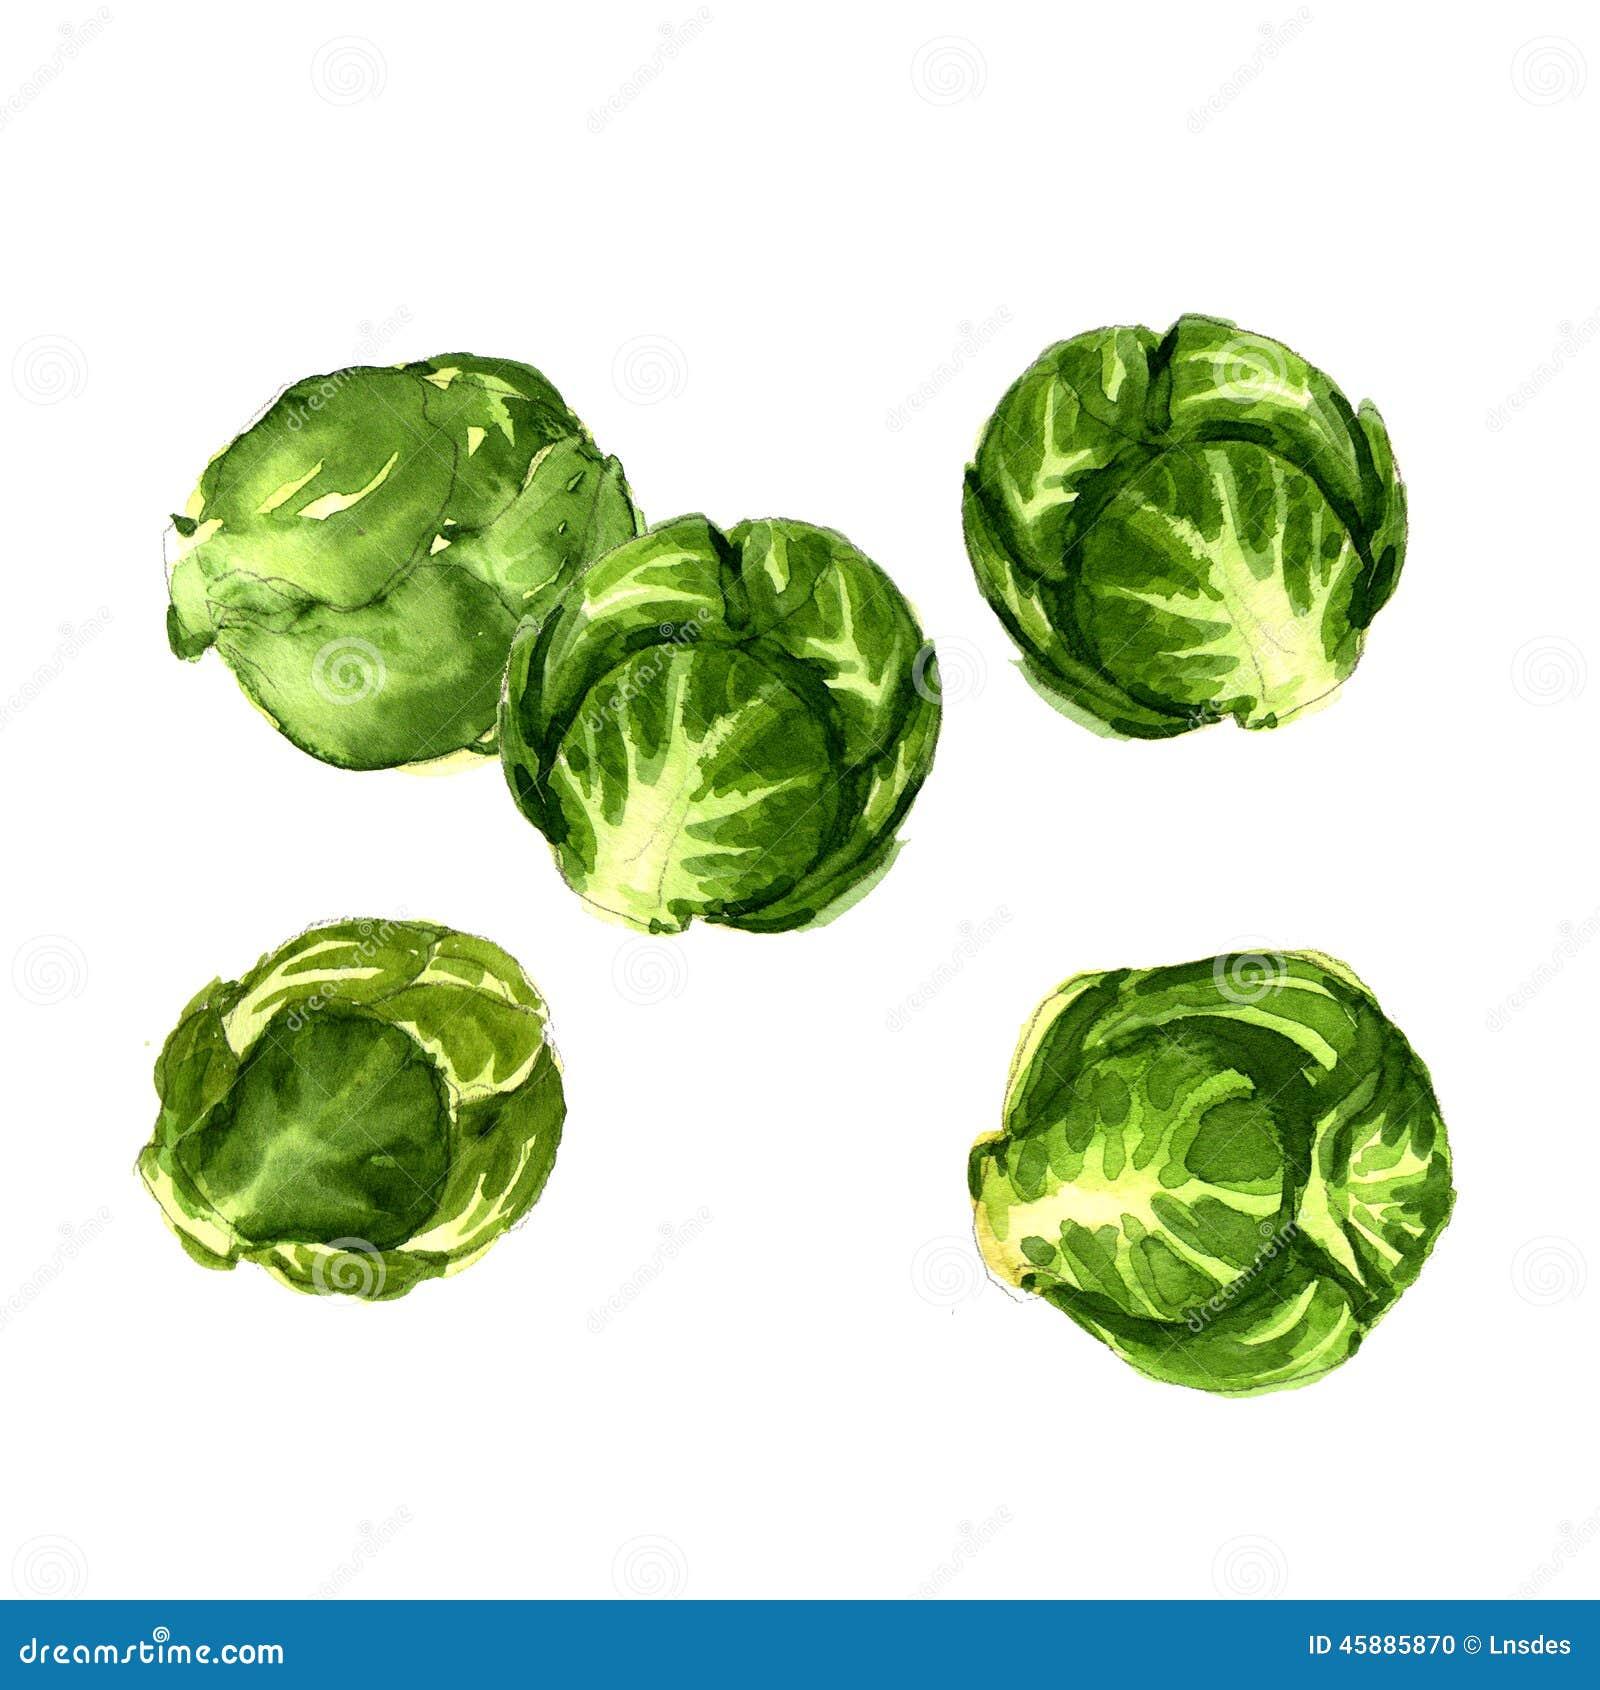 Col verde de las coles de Bruselas aislada